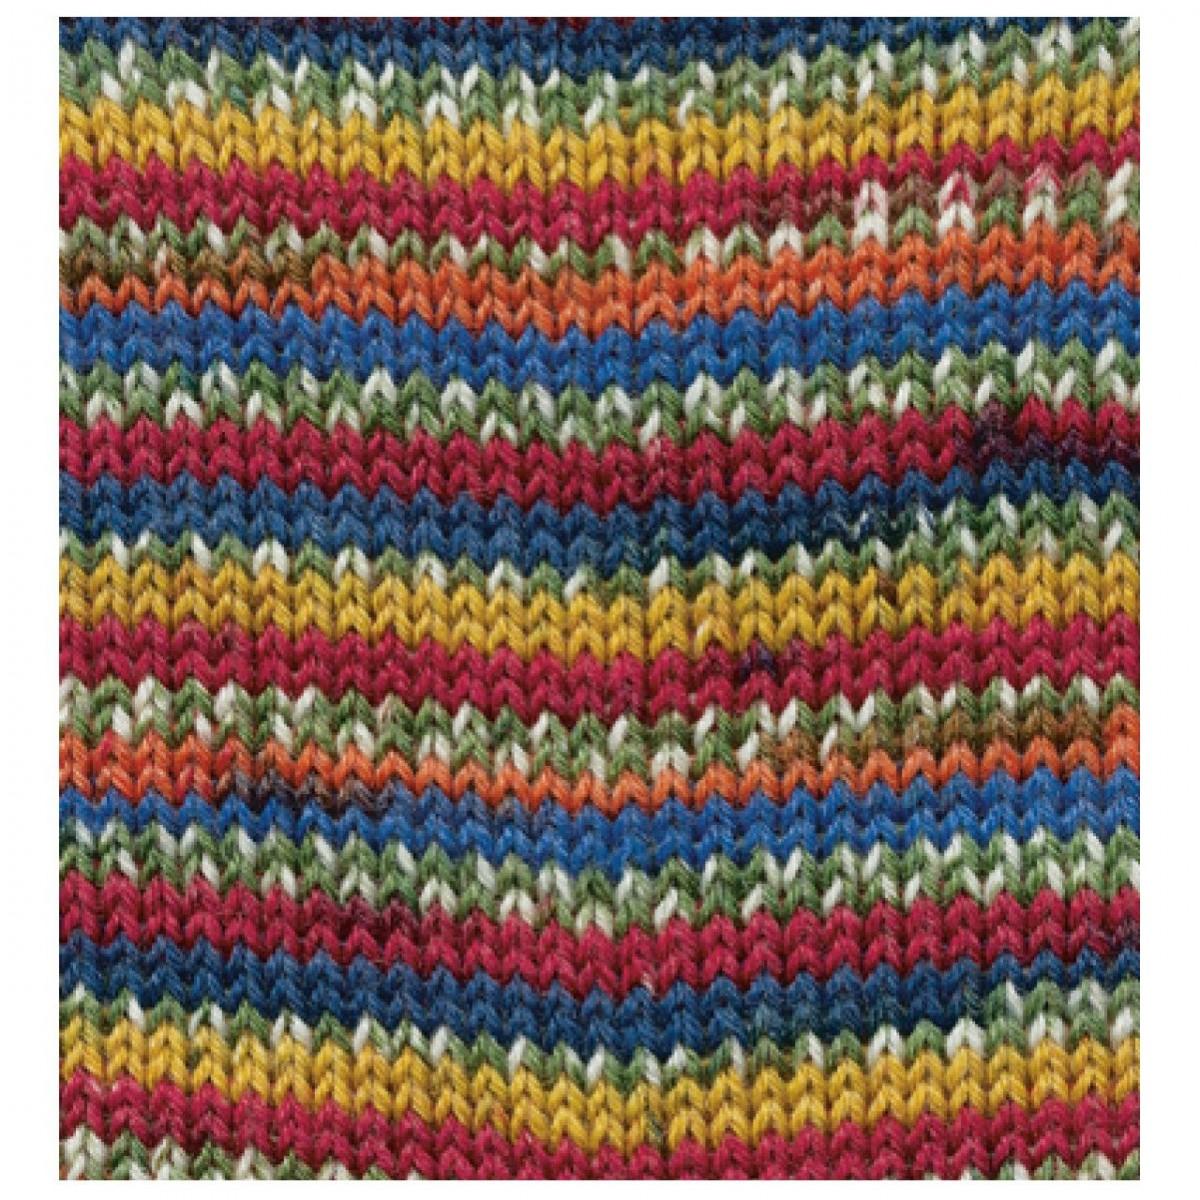 ca CLASSIC COLOR 4-FÄDIG von Schachenmayr REGIA|Farbe 01132|50 g 210 m Wolle